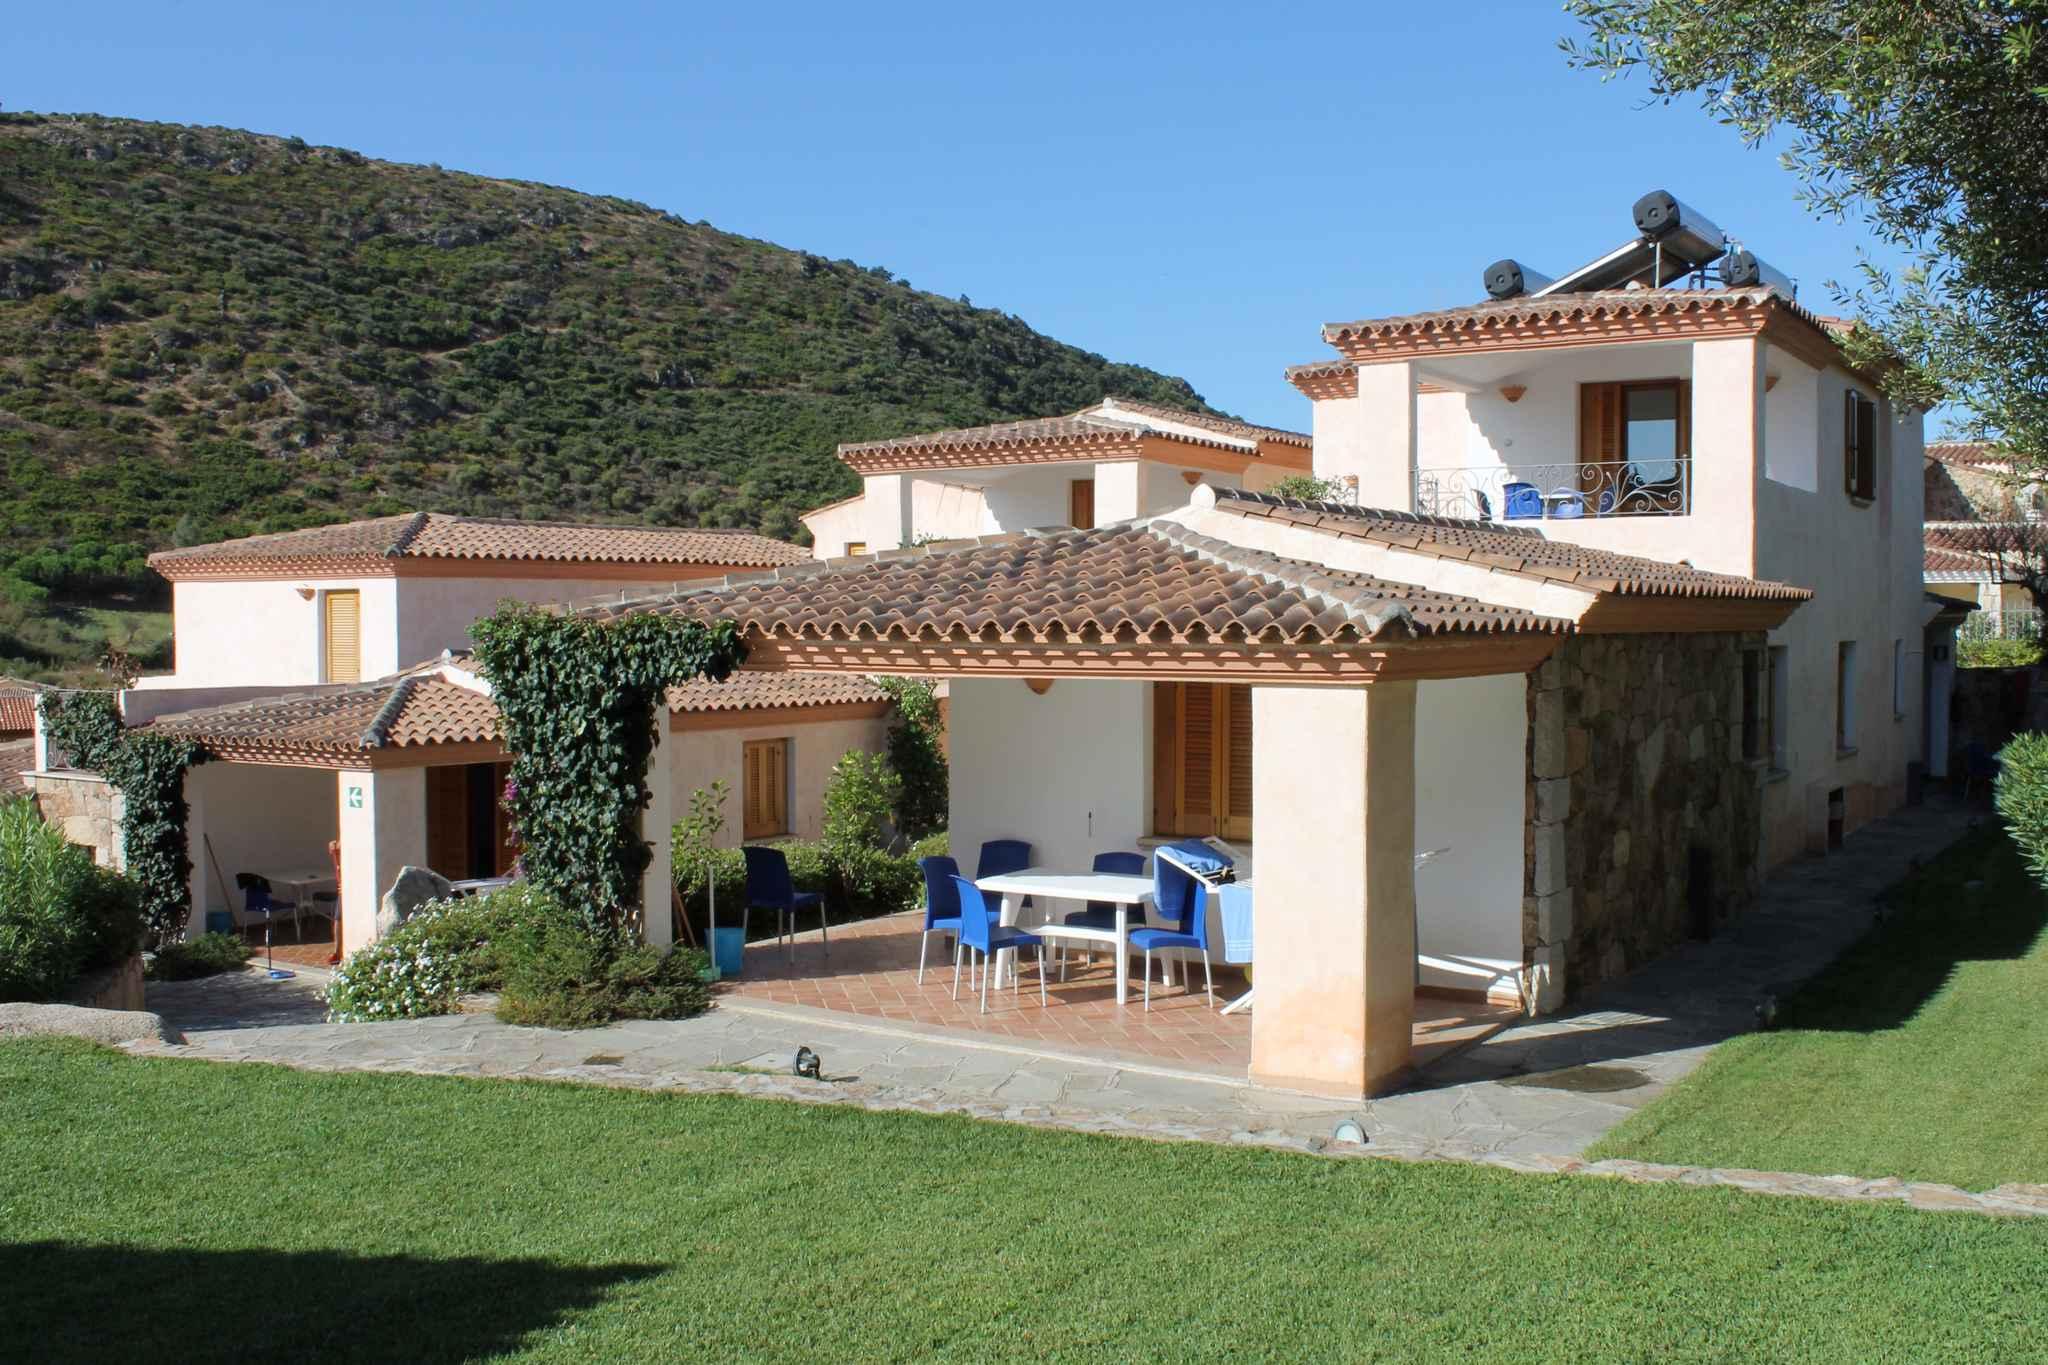 Ferienhaus mit Pool und Klimaanlage (2218540), Budoni, Olbia-Tempio, Sardinien, Italien, Bild 22